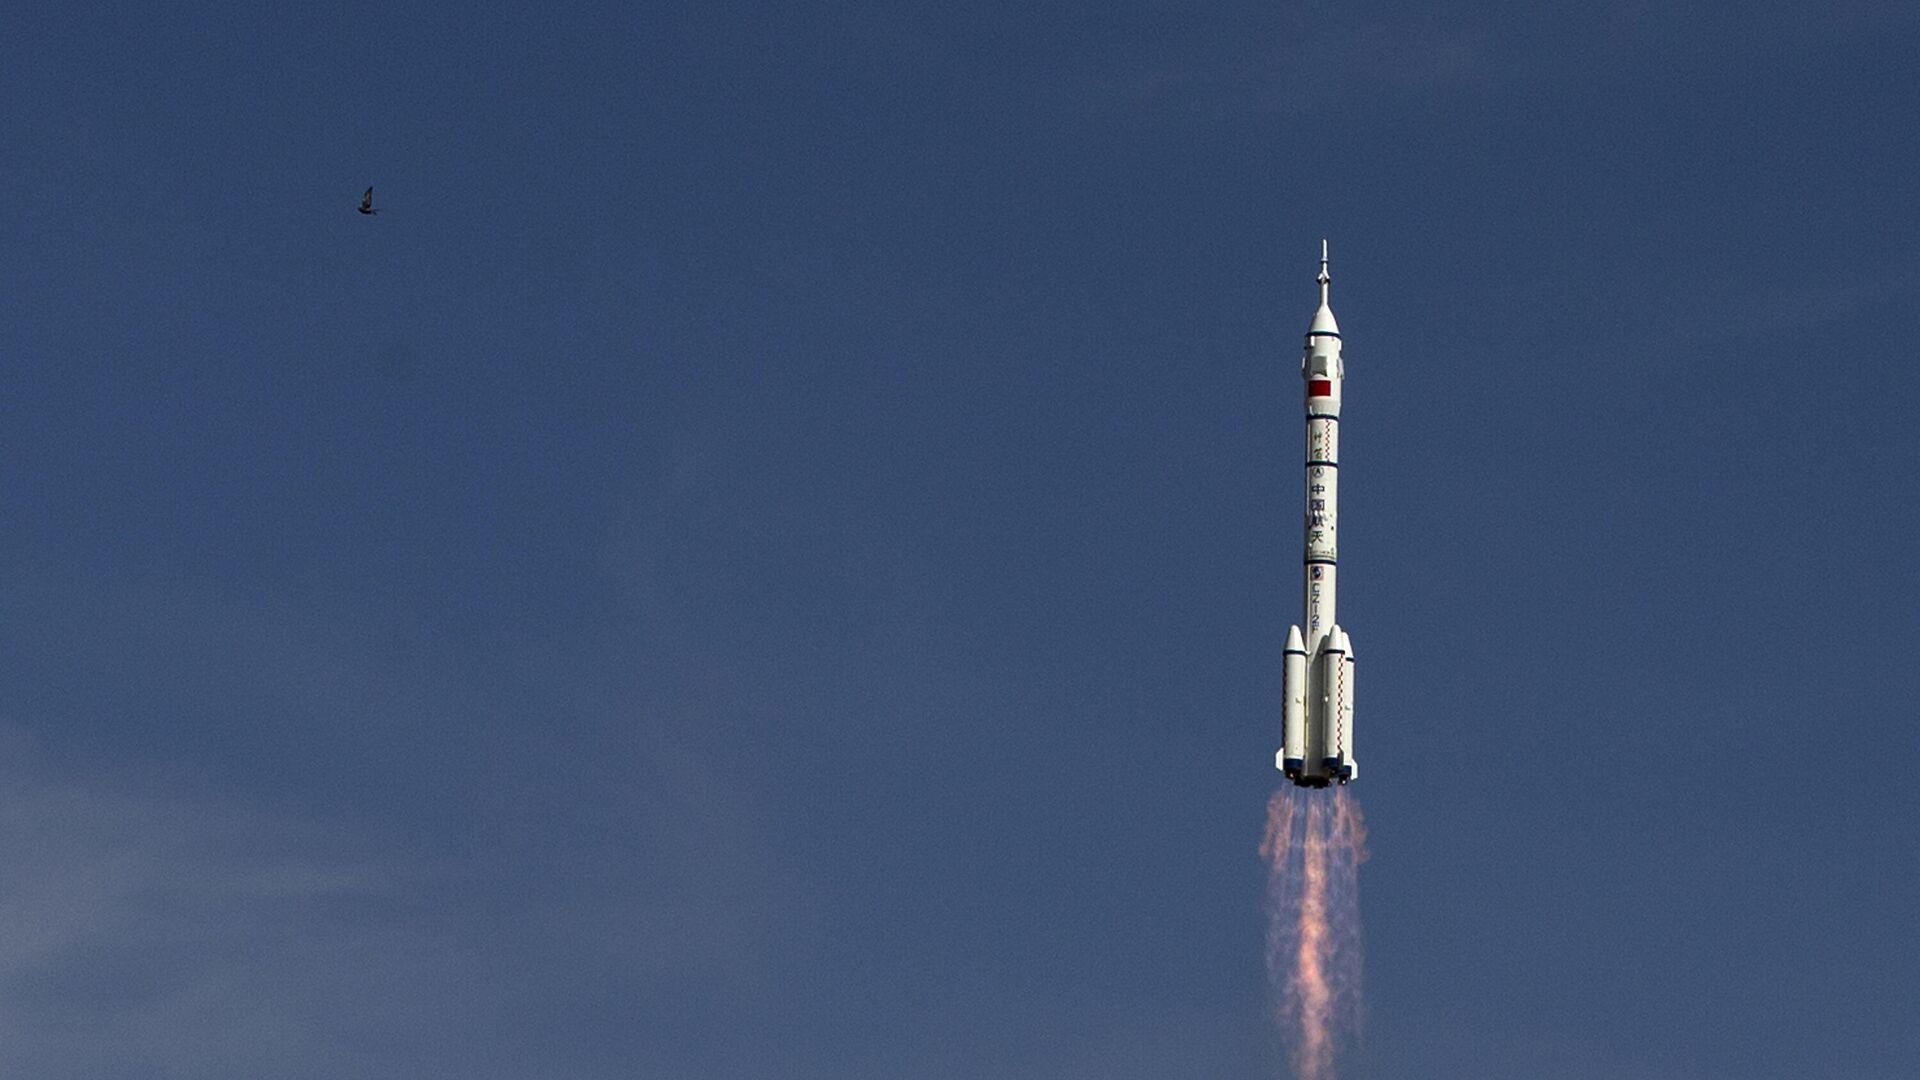 Старт ракеты-носителя Чанчжэн-2F c космодрома Цзюцюань, КНР - РИА Новости, 1920, 14.09.2020